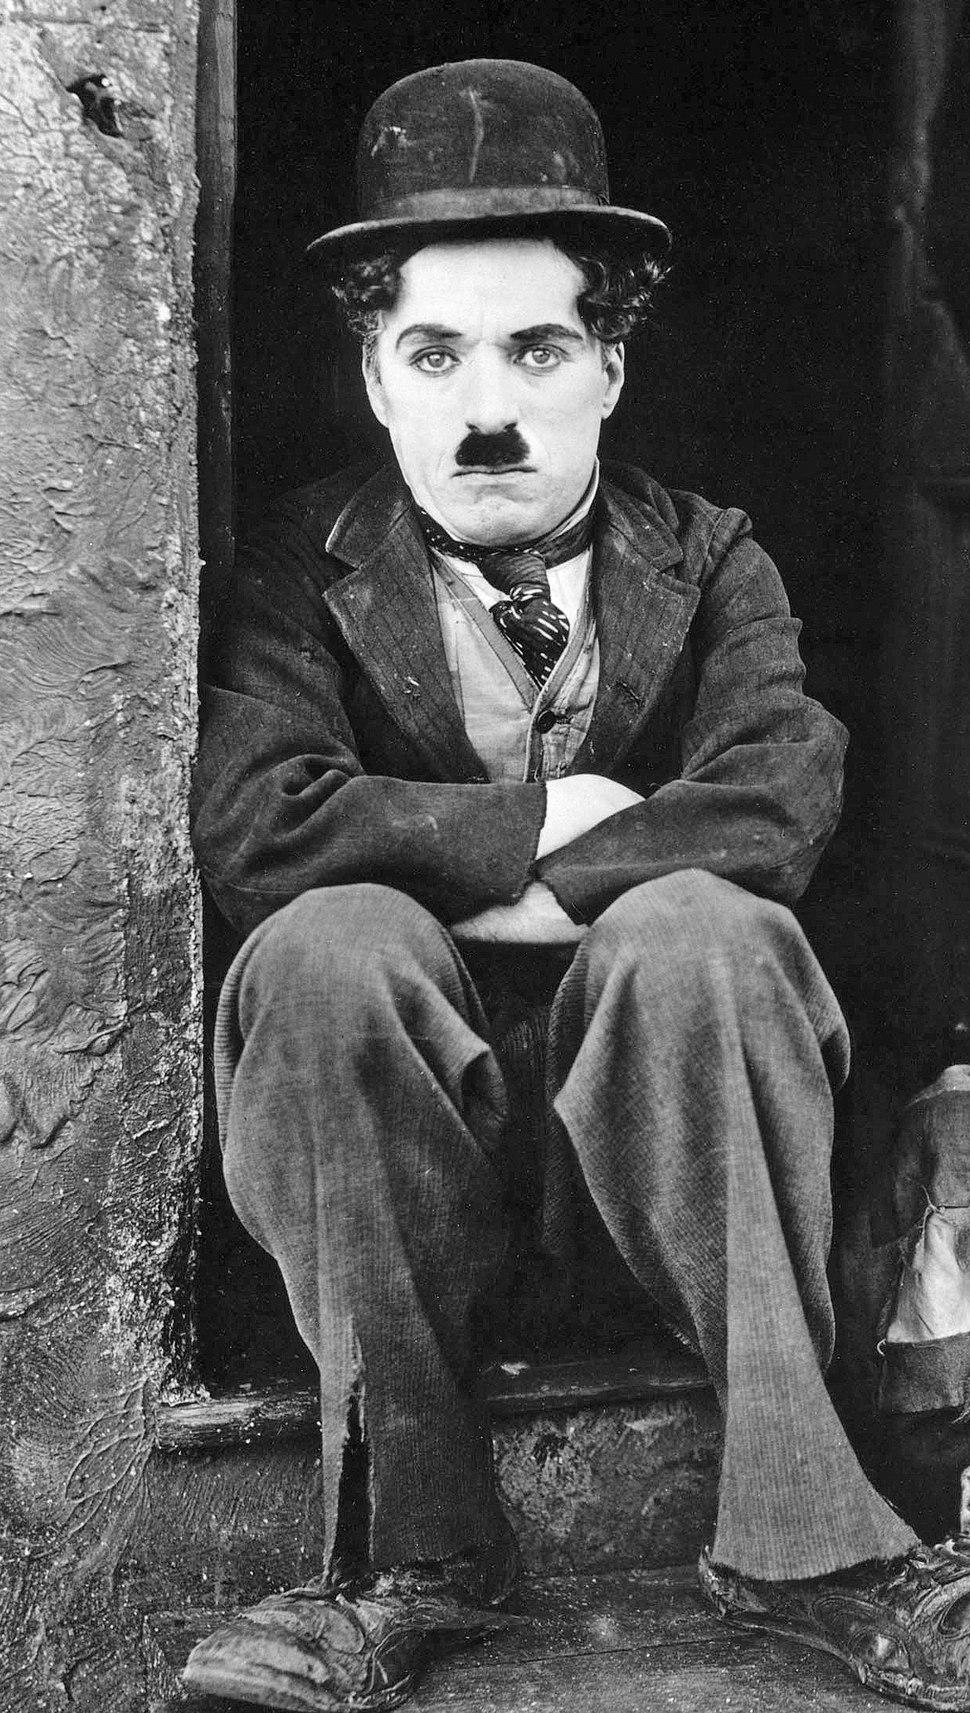 Chaplin in 1921 (cropped)